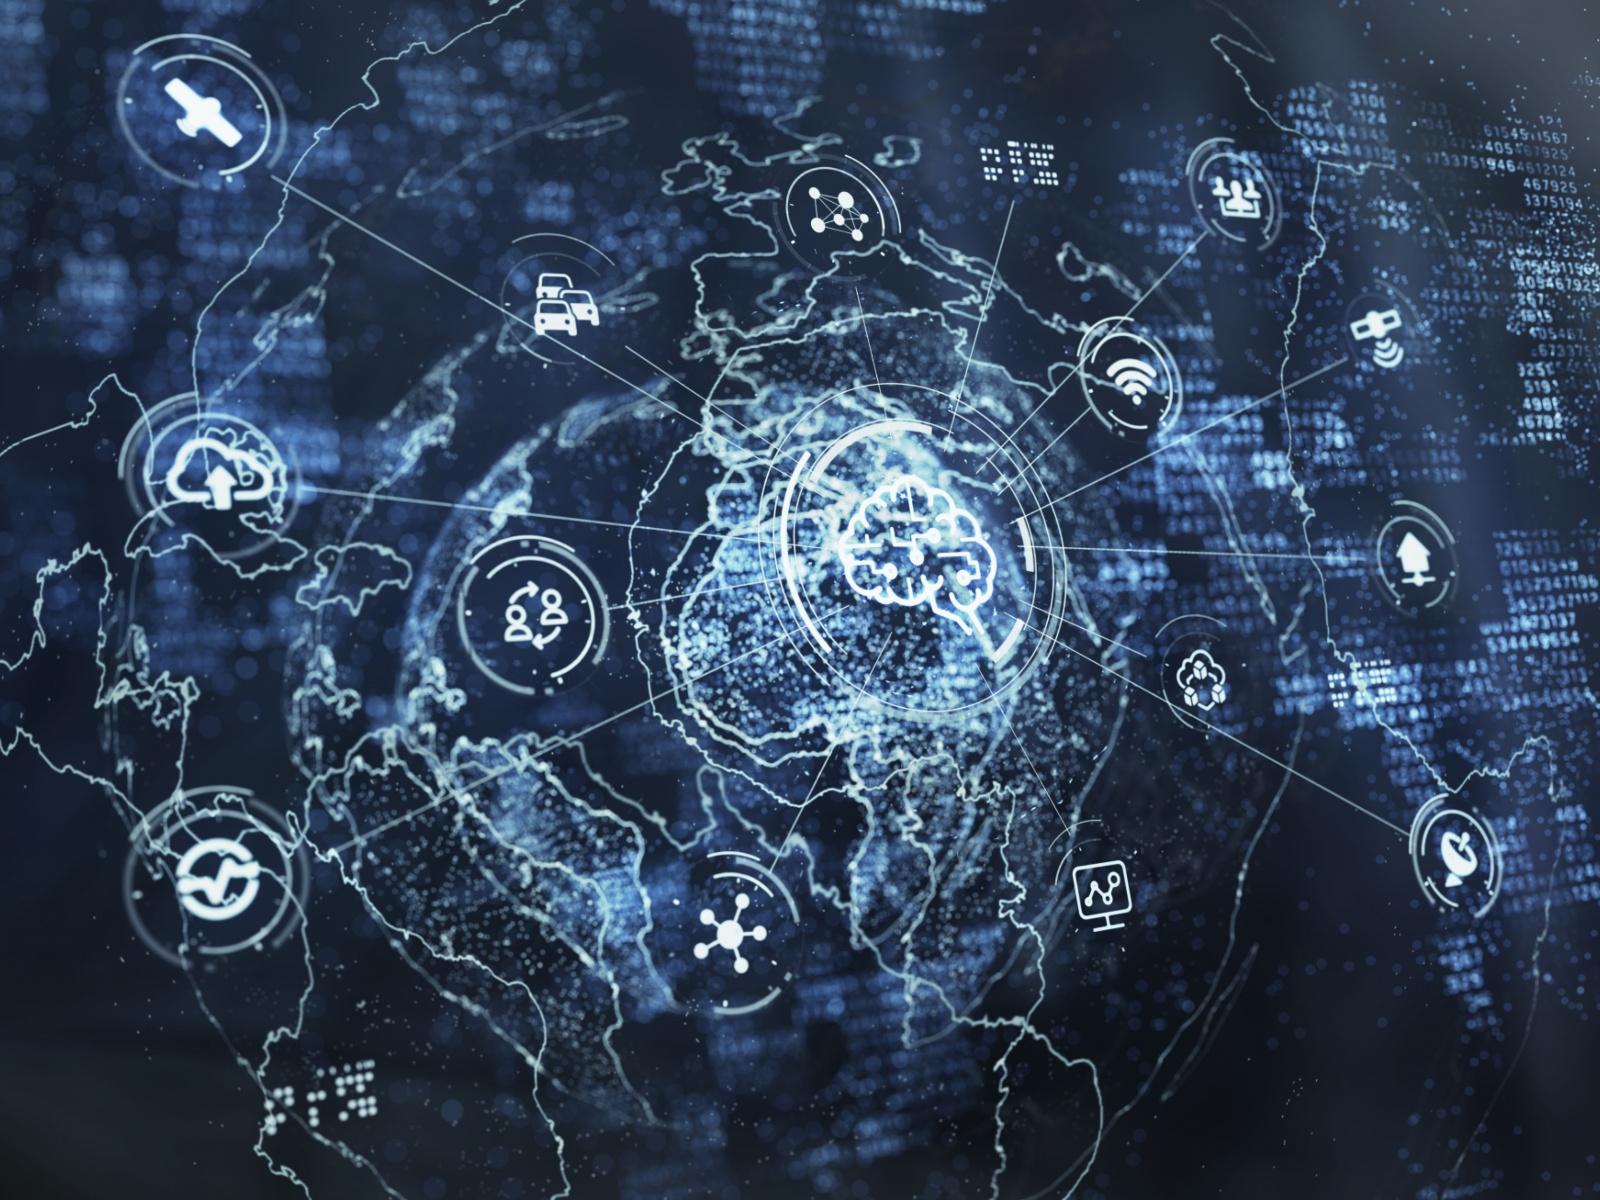 第133話|データエコノミーな時代に必須なデータサイエンス